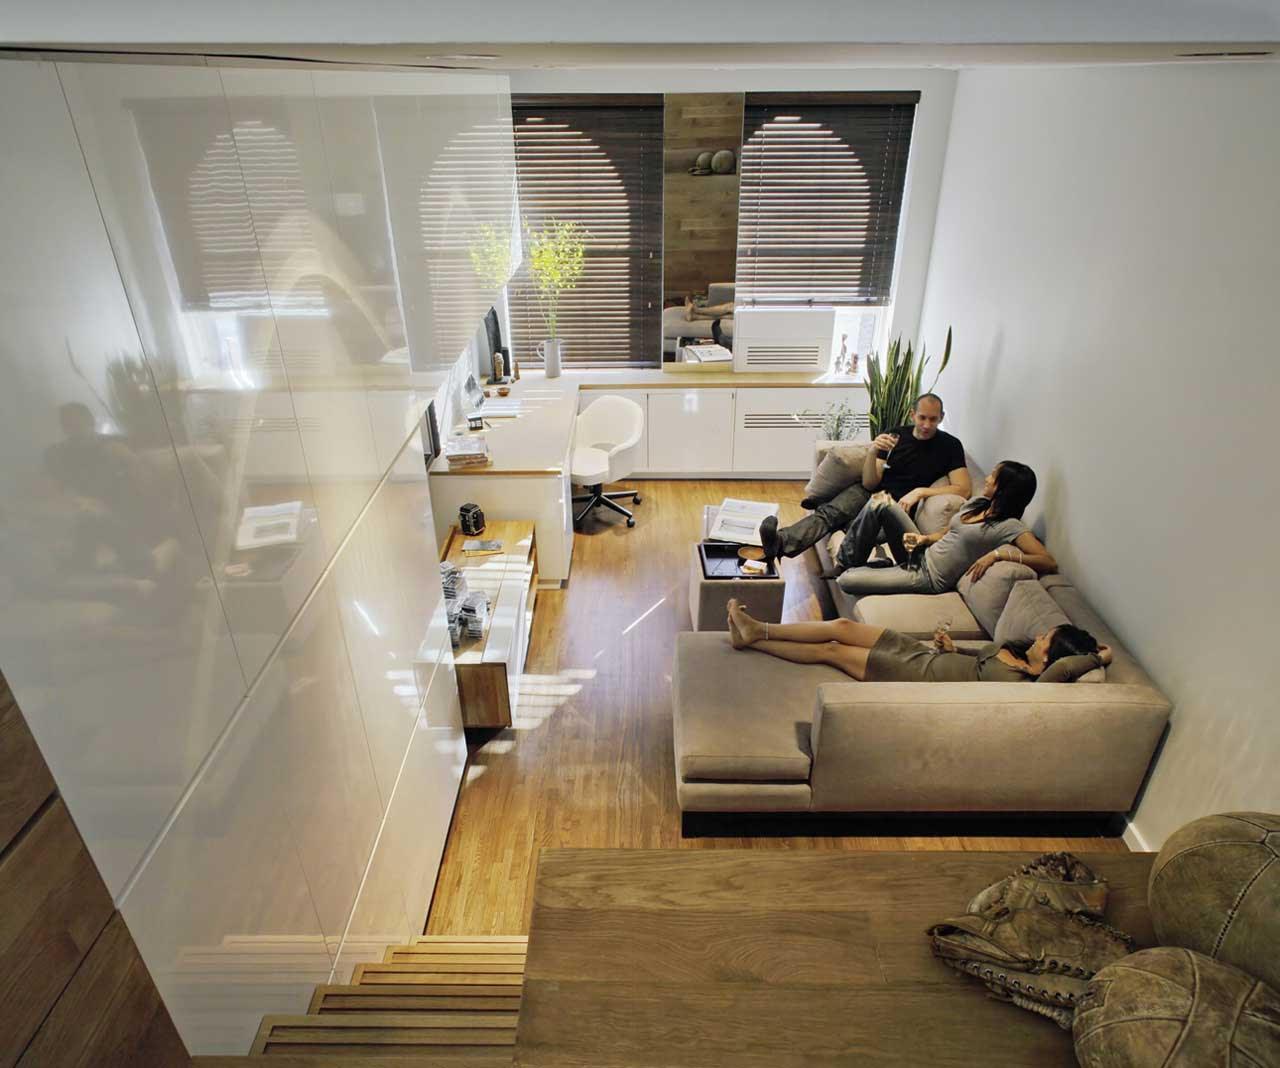 Desain Ruang Keluarga Kecil Sobat Interior Rumah